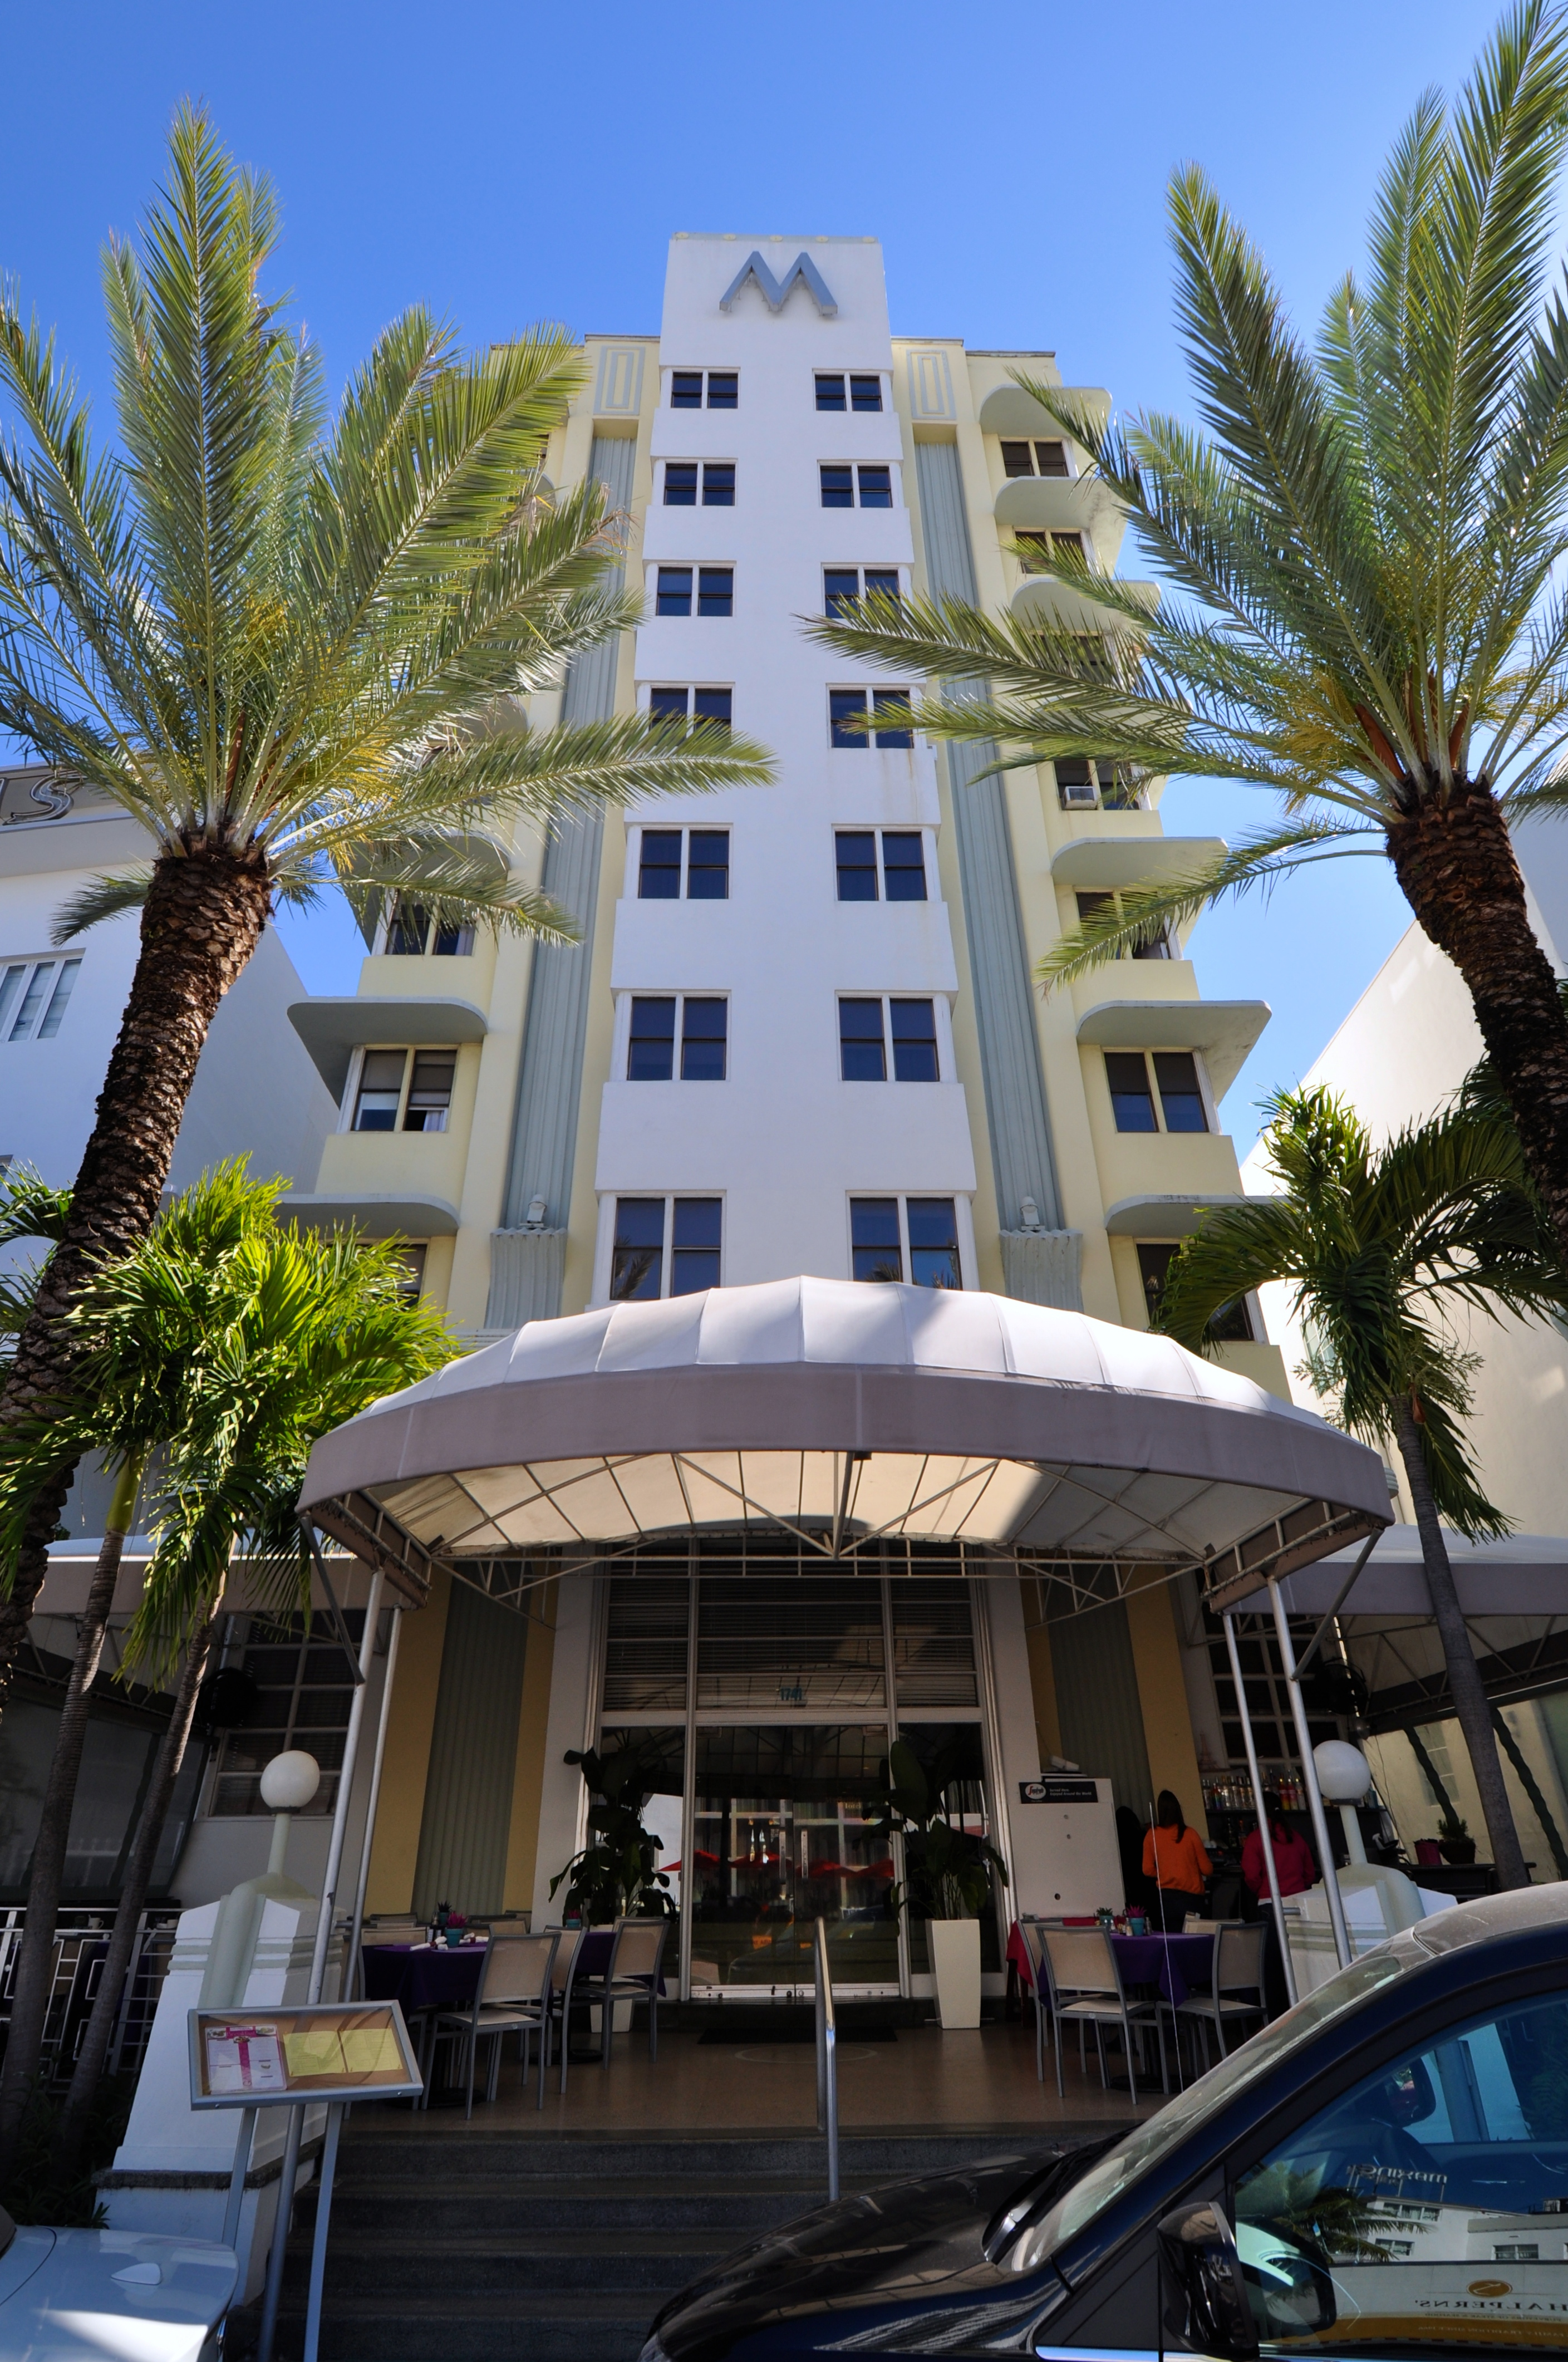 Marseilles Hotel Miami South Beach